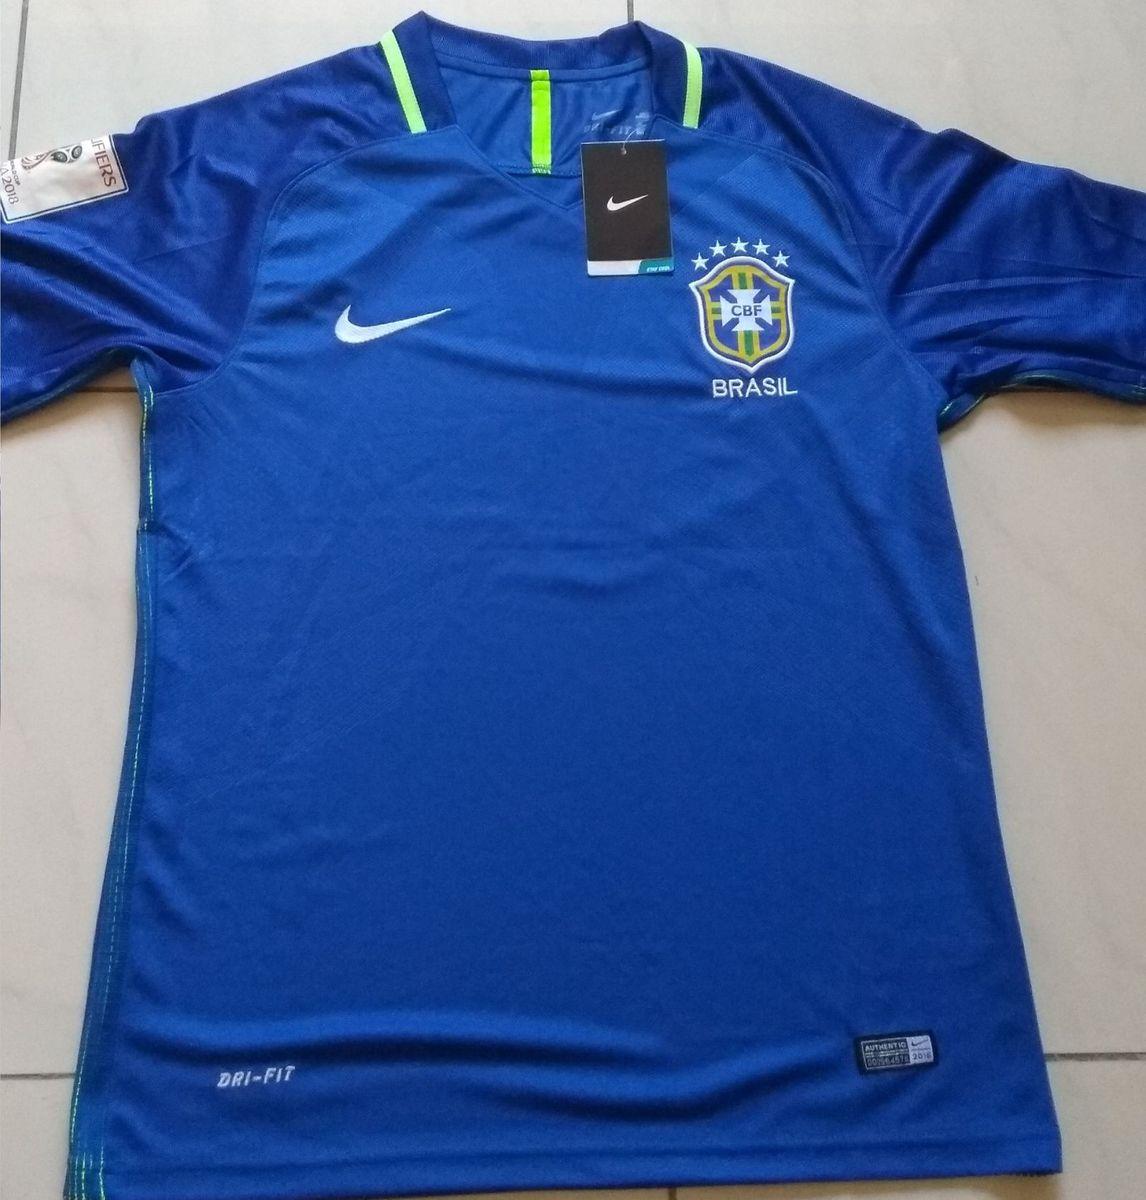 camisa cbf seleção brasileira original 2017 away azul + patchs copa do mundo  - esportes nike 8c173d909c8eb